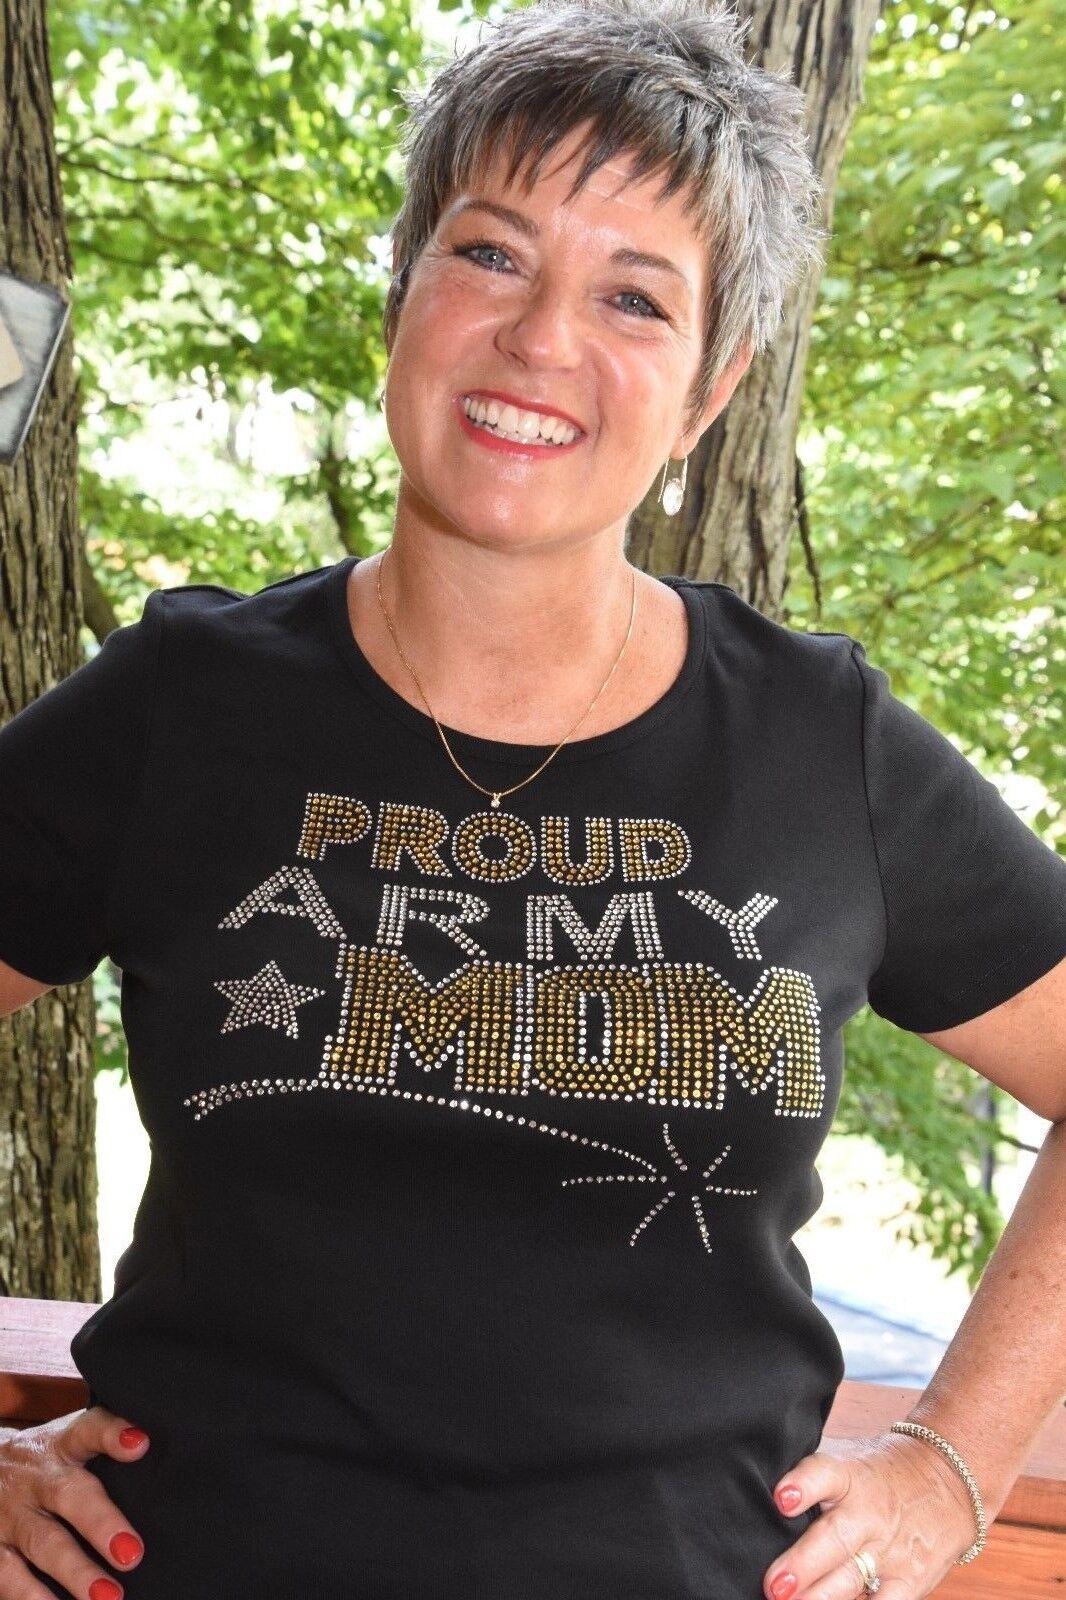 Army Mom rhinestone bling shirt XS S M L XL XXL 1X 2X 3X 4X 5X